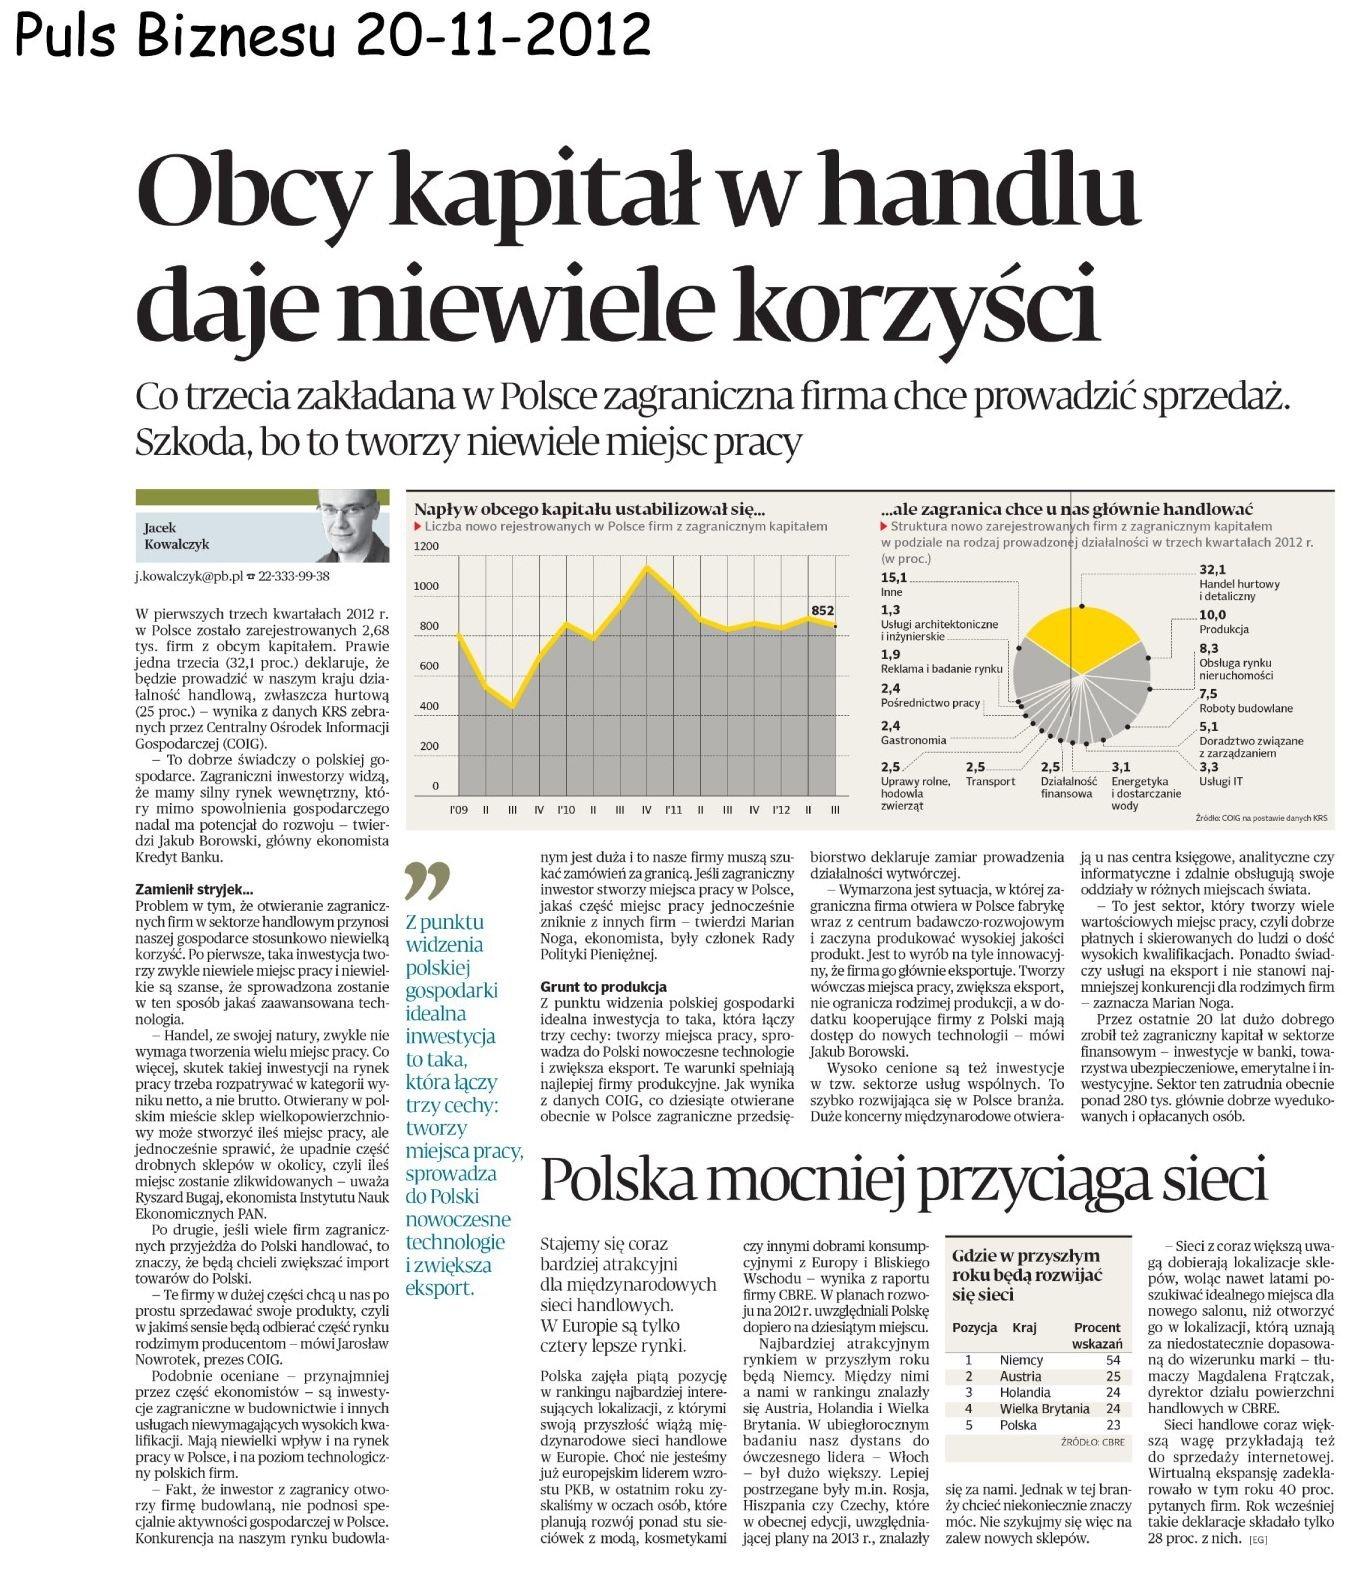 Inwestorzy zagraniczni w Polsce po 3 kwartałach 2012 roku